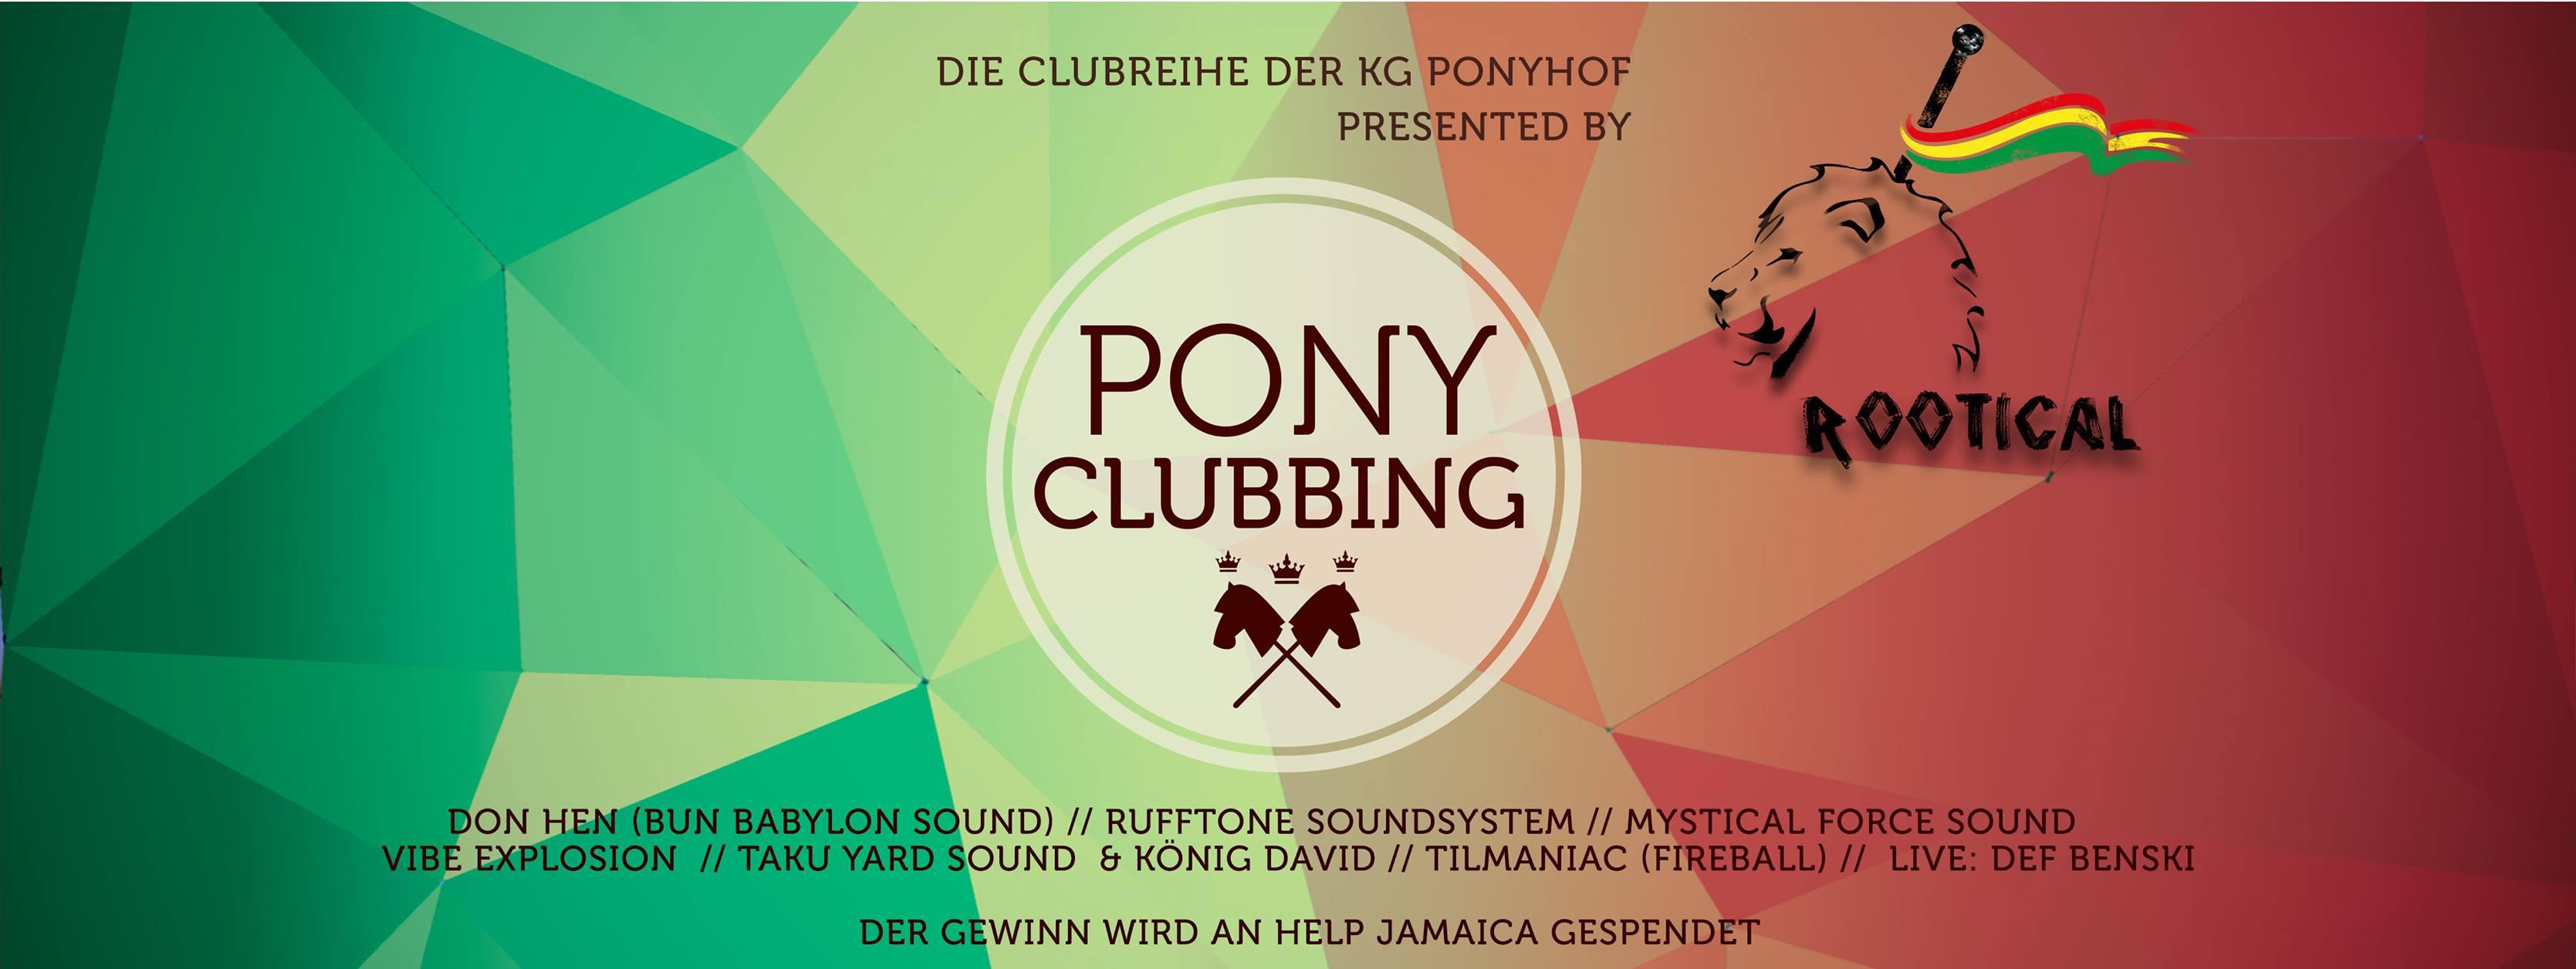 PonyClubbing meets Reggae | Fr. 19.10.2018 | Veedel Club